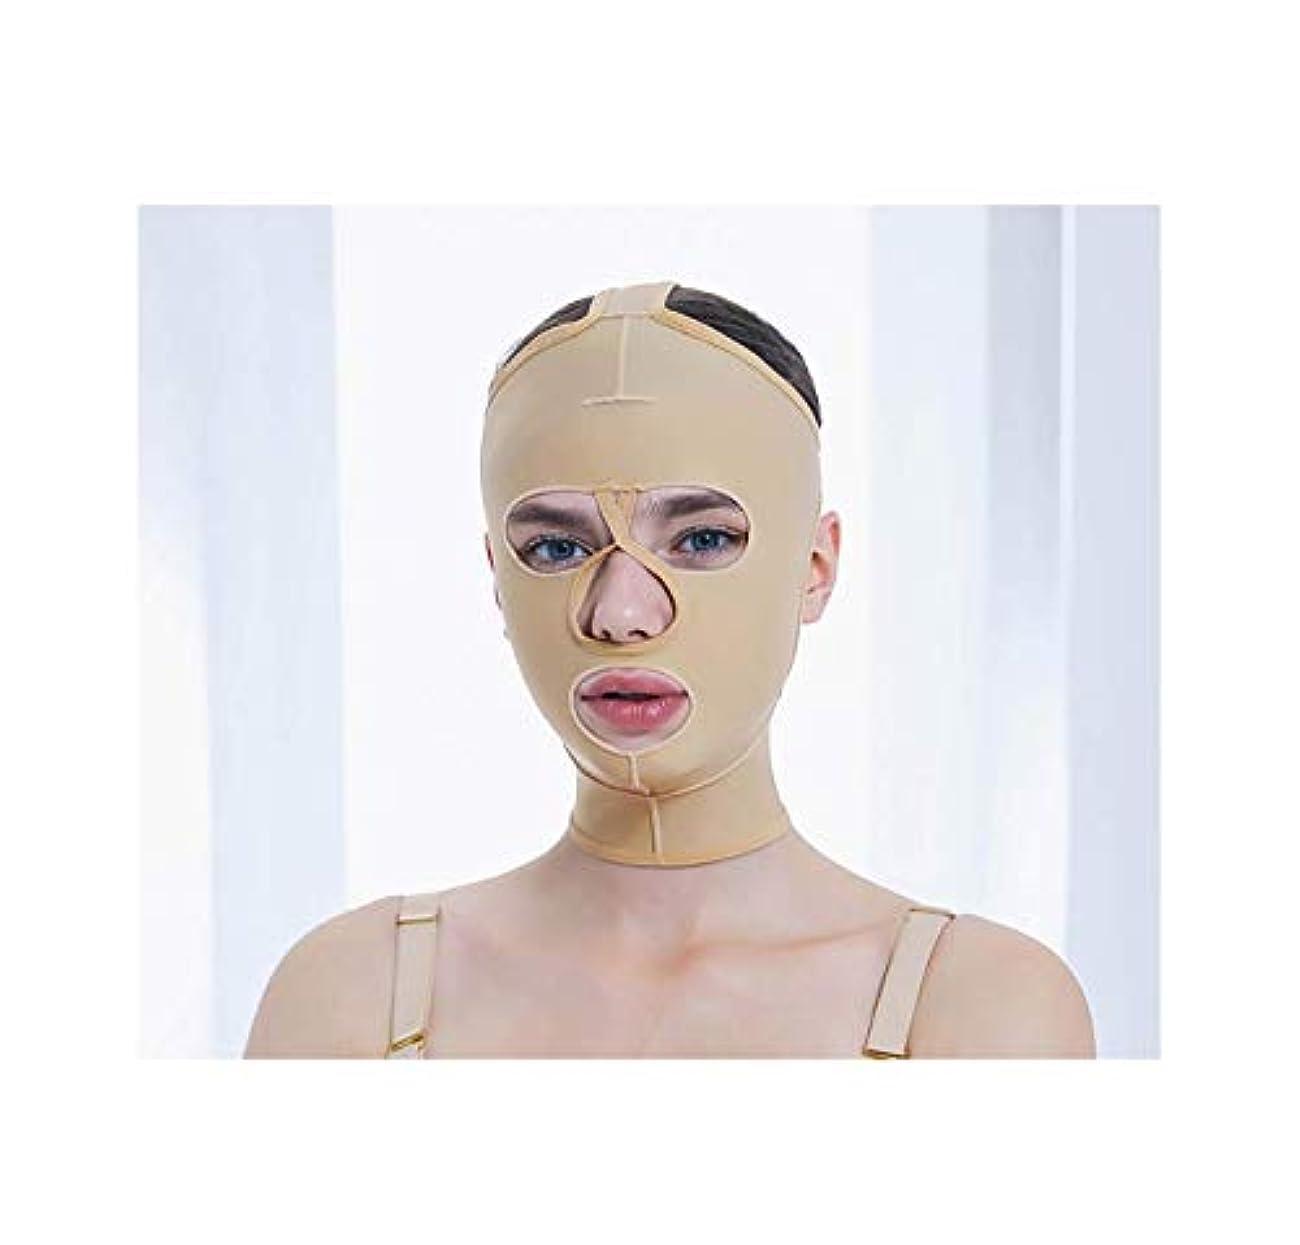 人形スカープベットフェイス&ネックリフト、減量フェイスマスク脂肪吸引術脂肪吸引整形マスクフードフェイスリフティングアーティファクトVフェイスビームフェイス弾性スリーブ(サイズ:XS),XXL